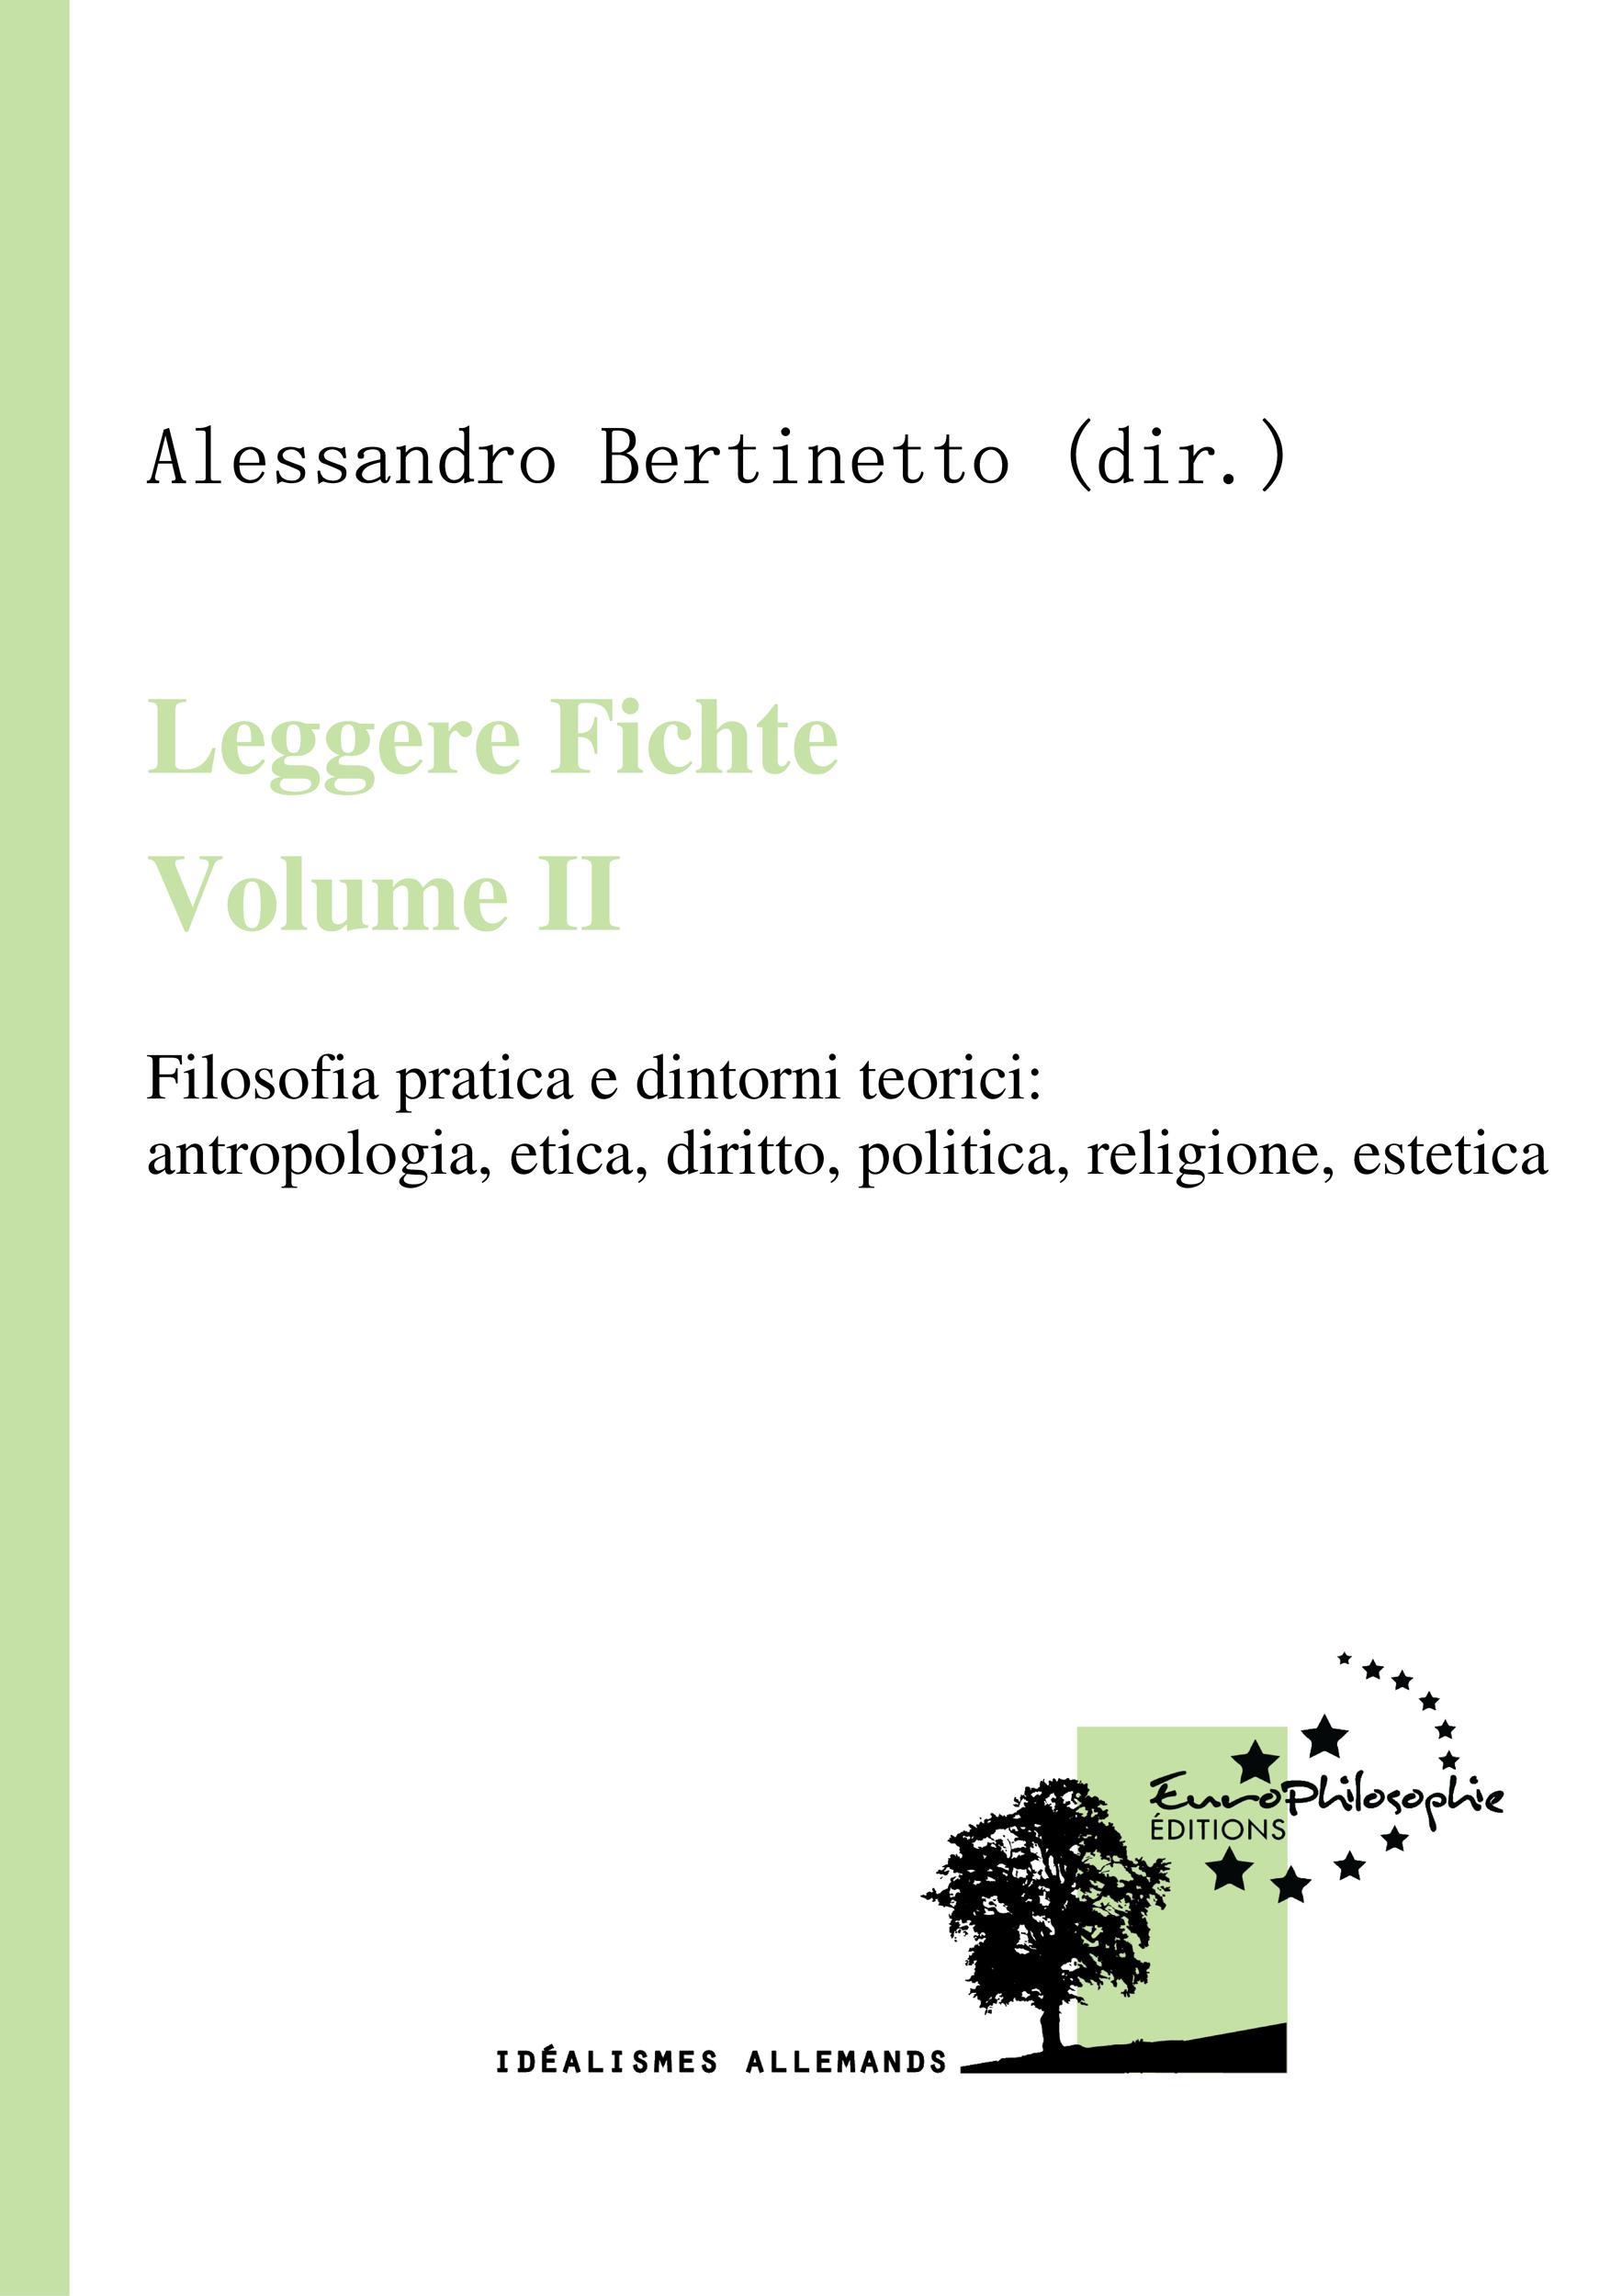 Leggere Fichte. Volume II, FILOSOFIA PRATICA E DINTORNI TEORICI: ANTROPOLOGIA, ETICA, DIRITTO, POLITICA, RELIGIONE, ESTETICA